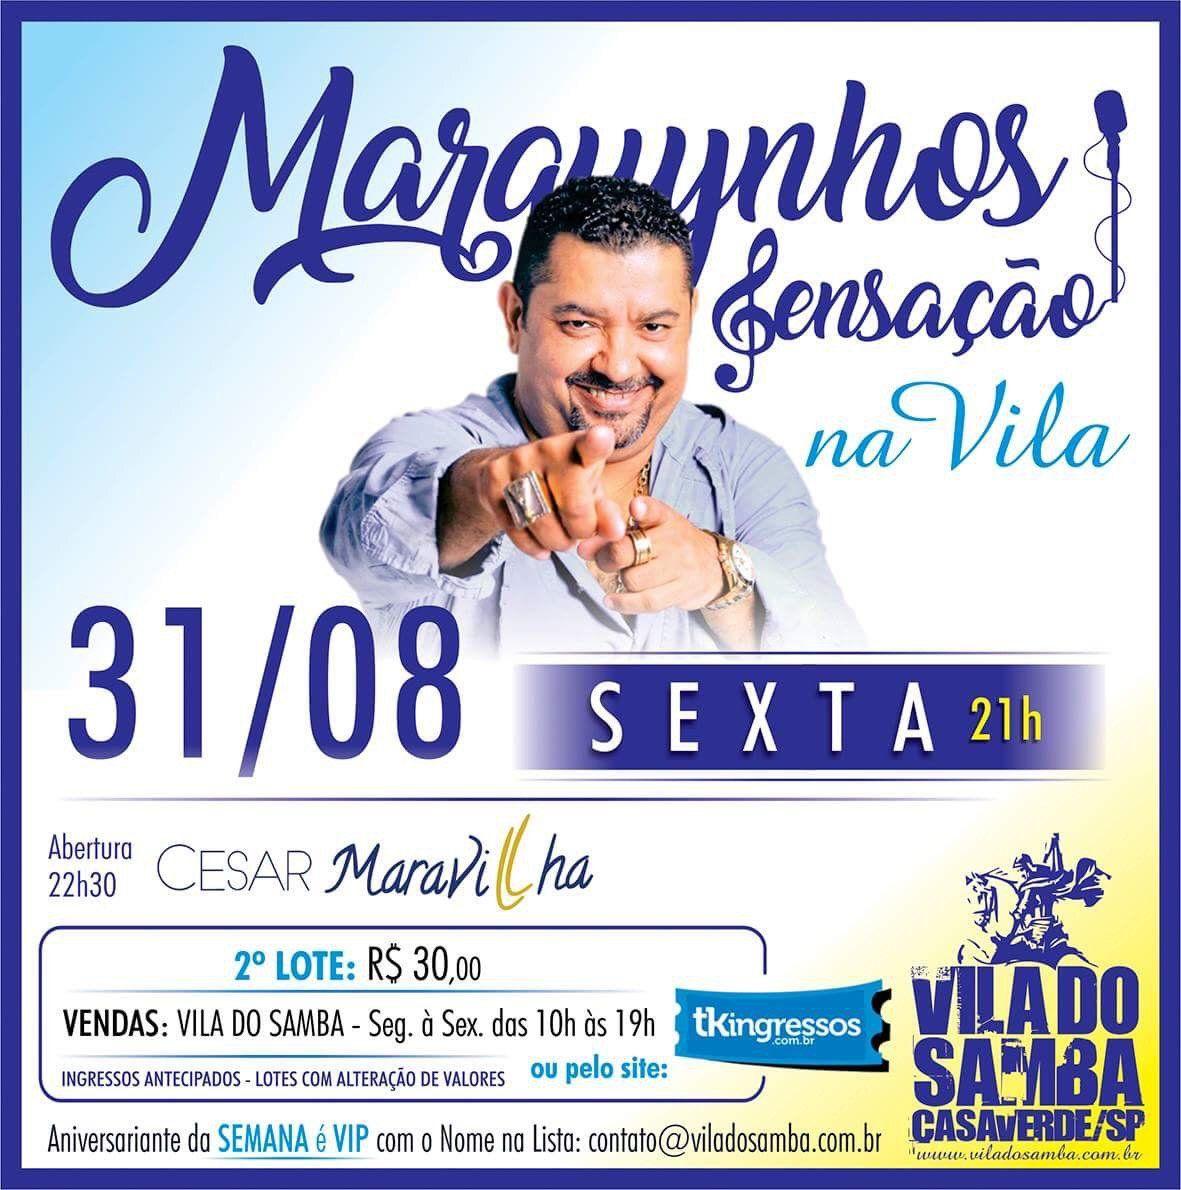 Marquinhos Sensação - Vila do Samba - 31/08/18 - São Paulo - SP